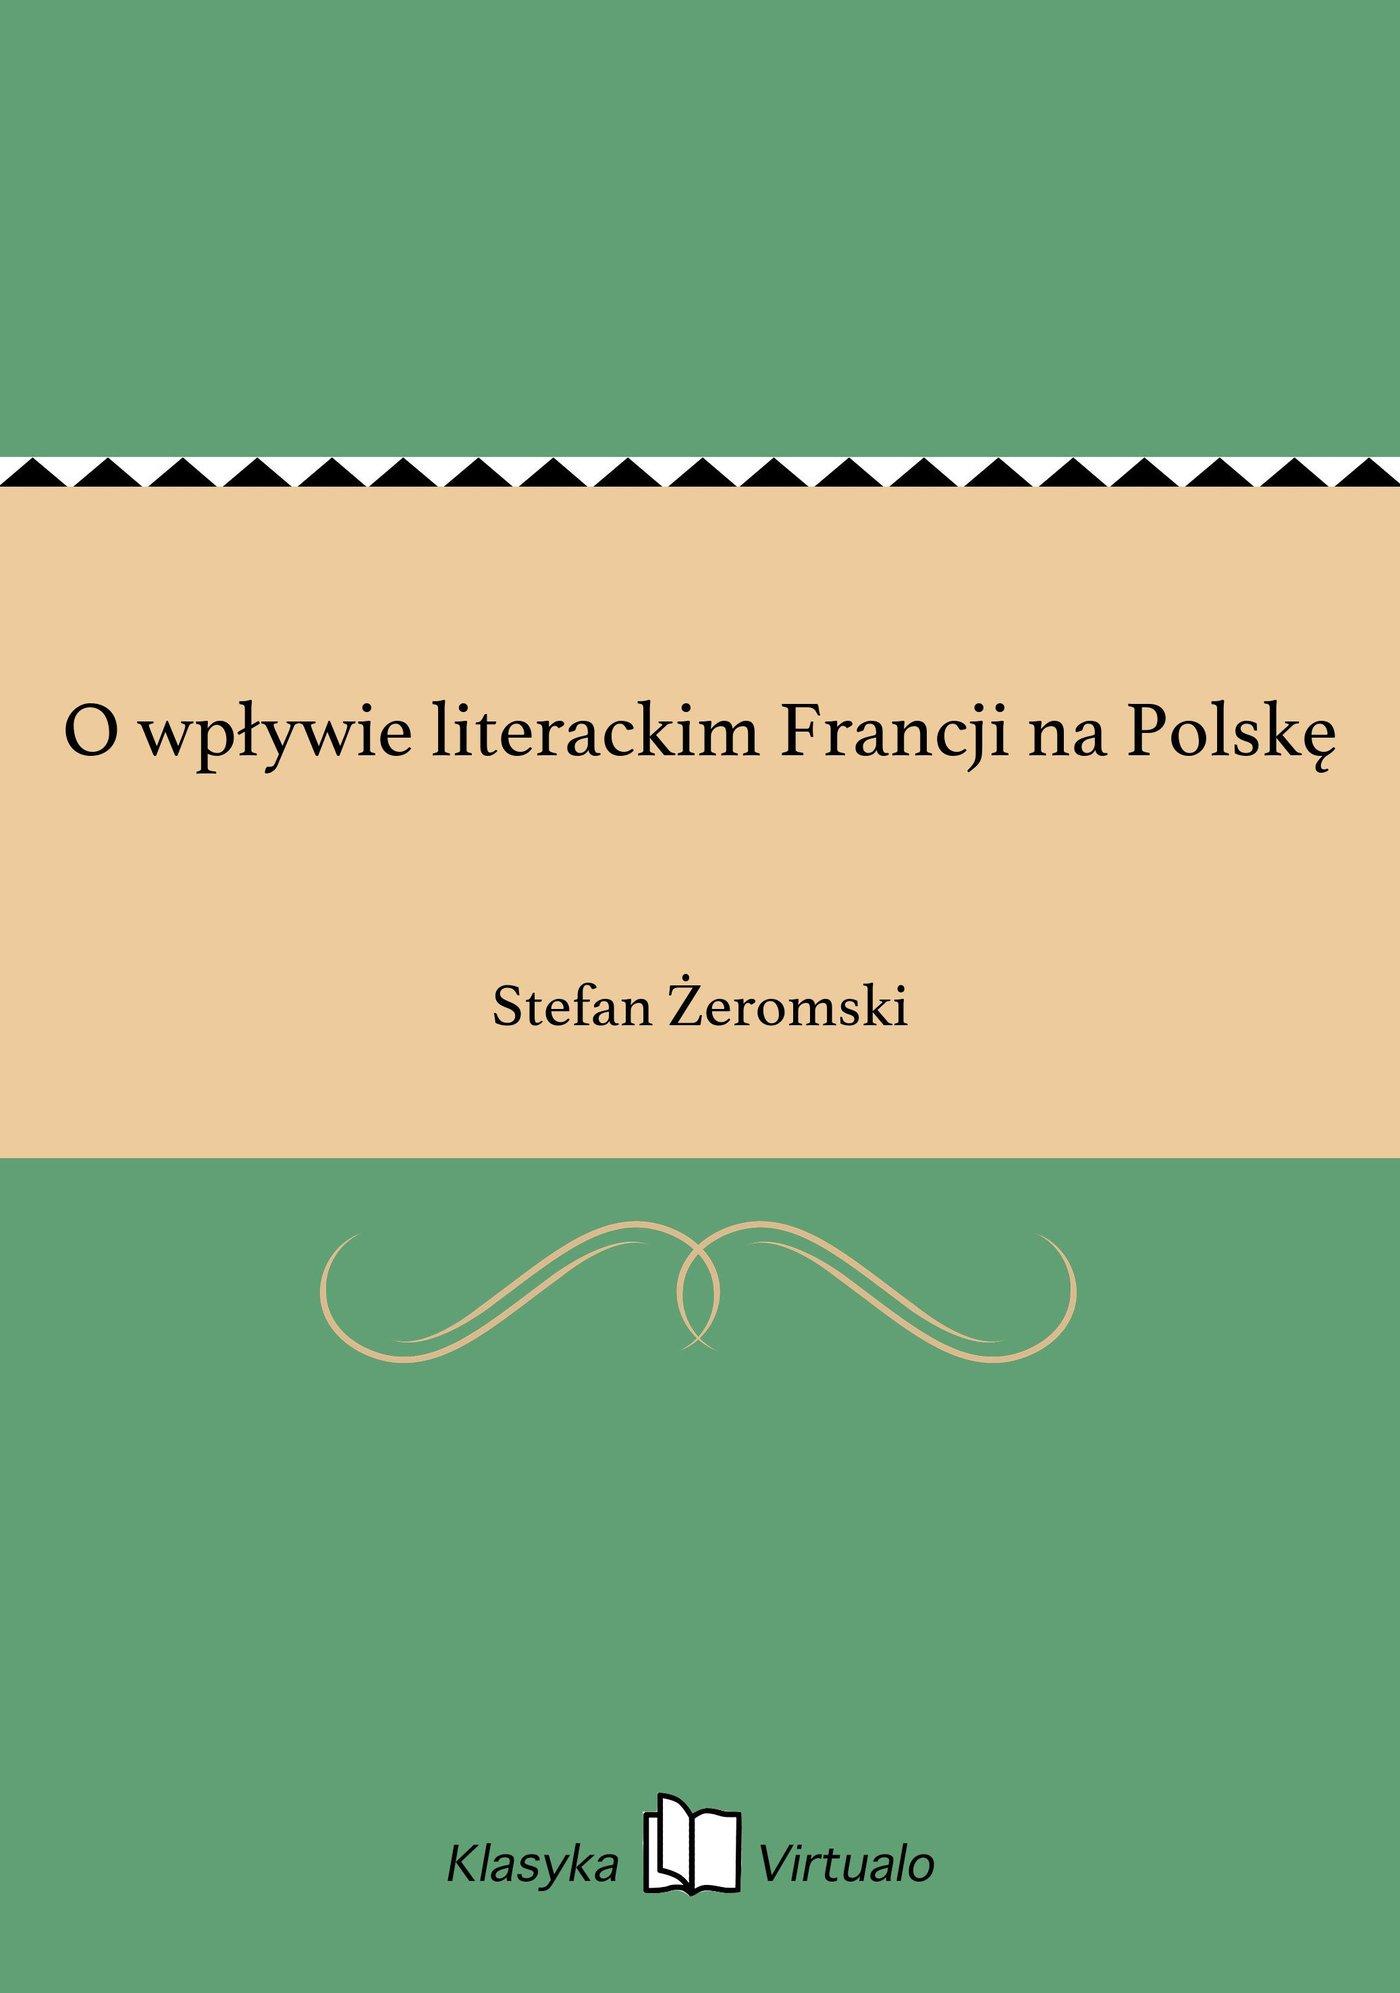 O wpływie literackim Francji na Polskę - Ebook (Książka EPUB) do pobrania w formacie EPUB